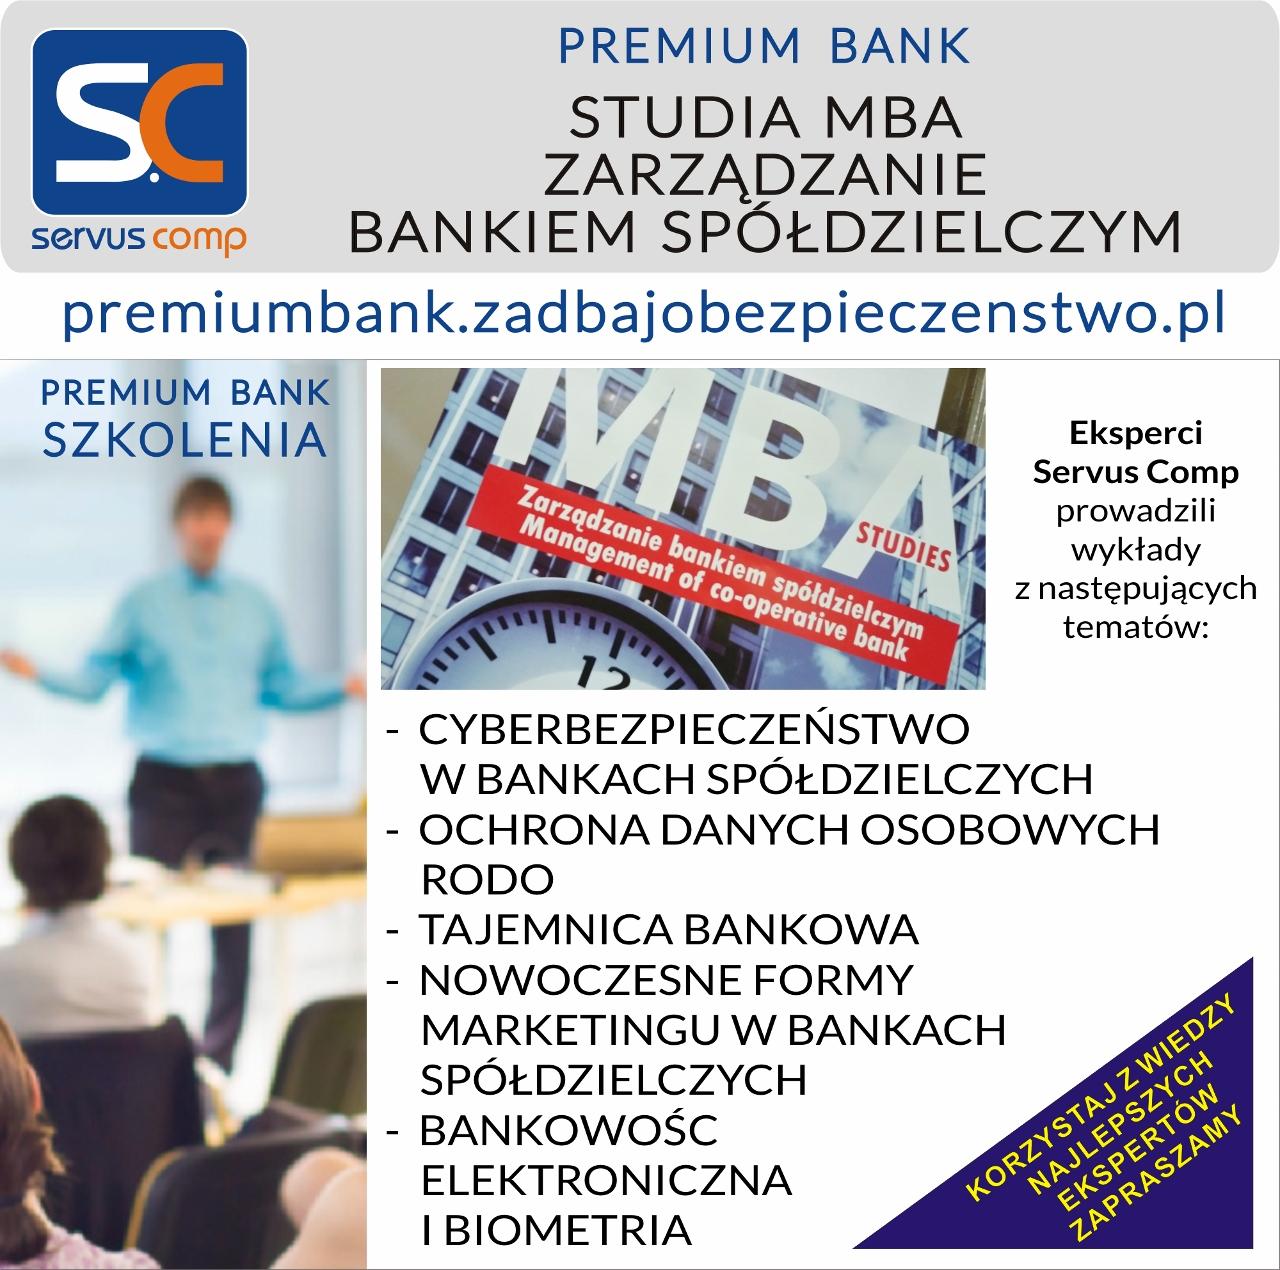 PODYPLOMOWE STUDIA MBA ZARZĄDZANIE BANKIEM SPÓŁDZIELCZYM premiumbank.zadbajobezpieczenstwo.pl